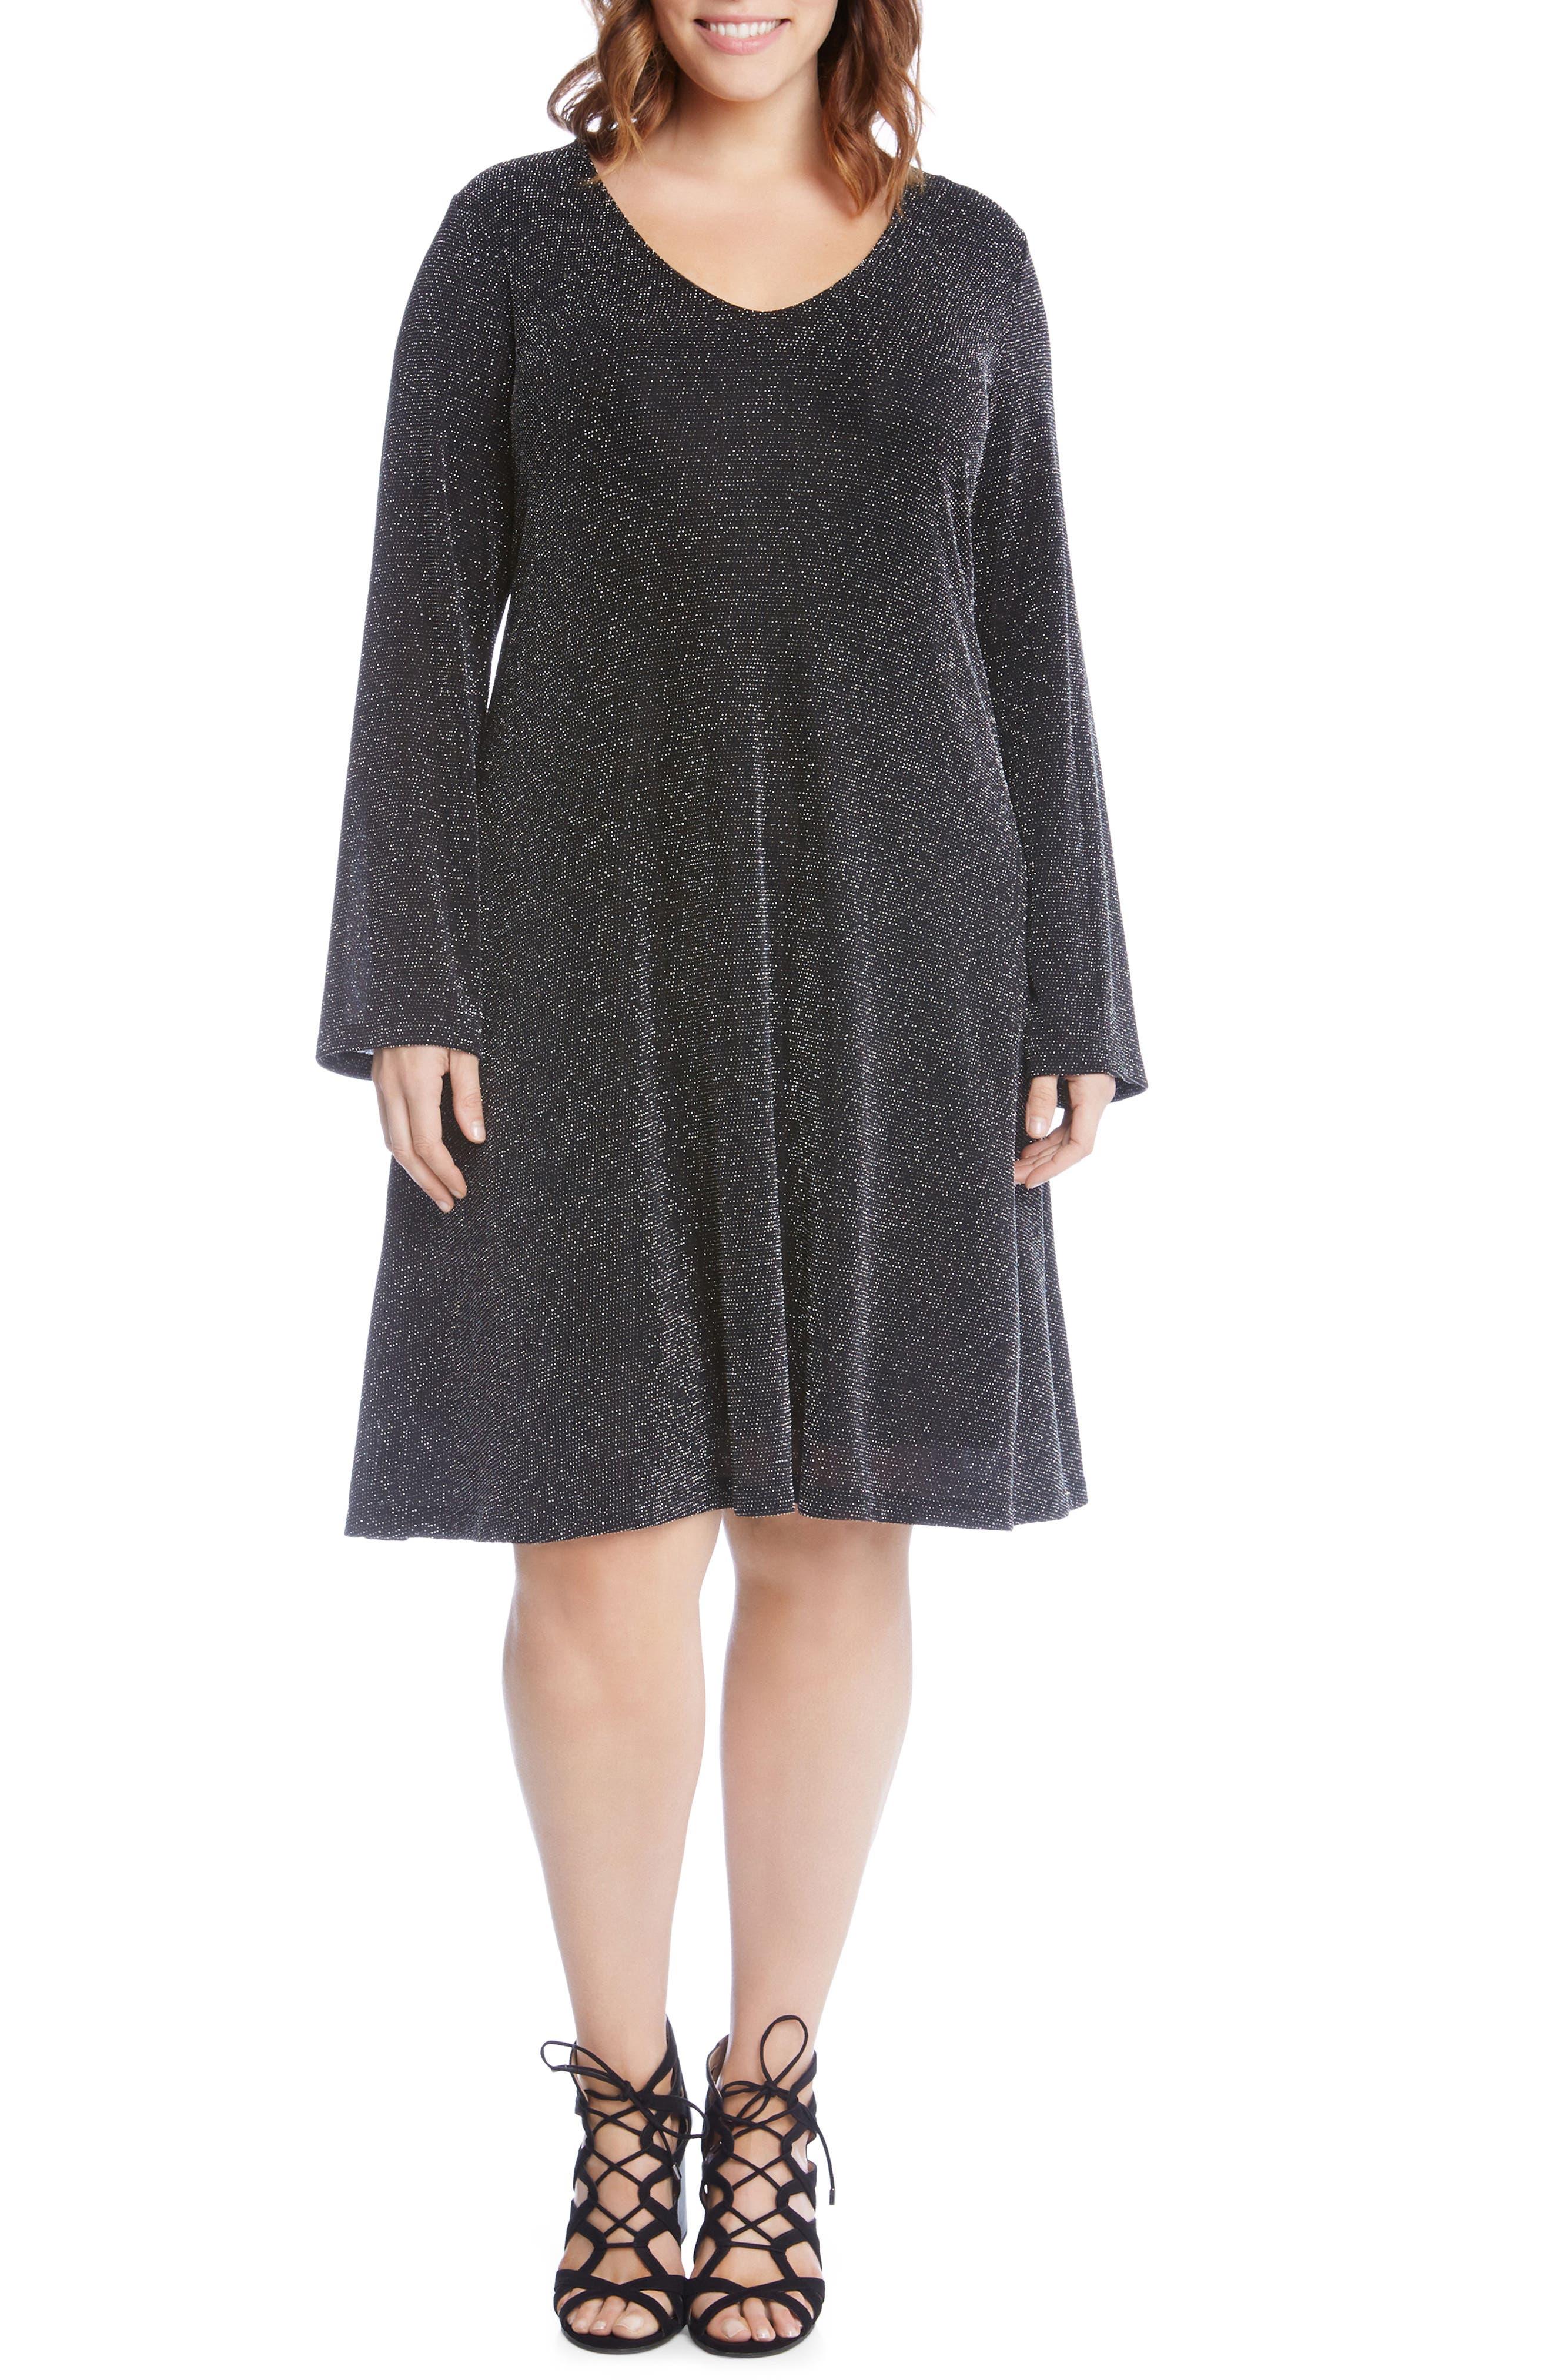 Taylor Sparkle Knit Dress,                         Main,                         color, 044